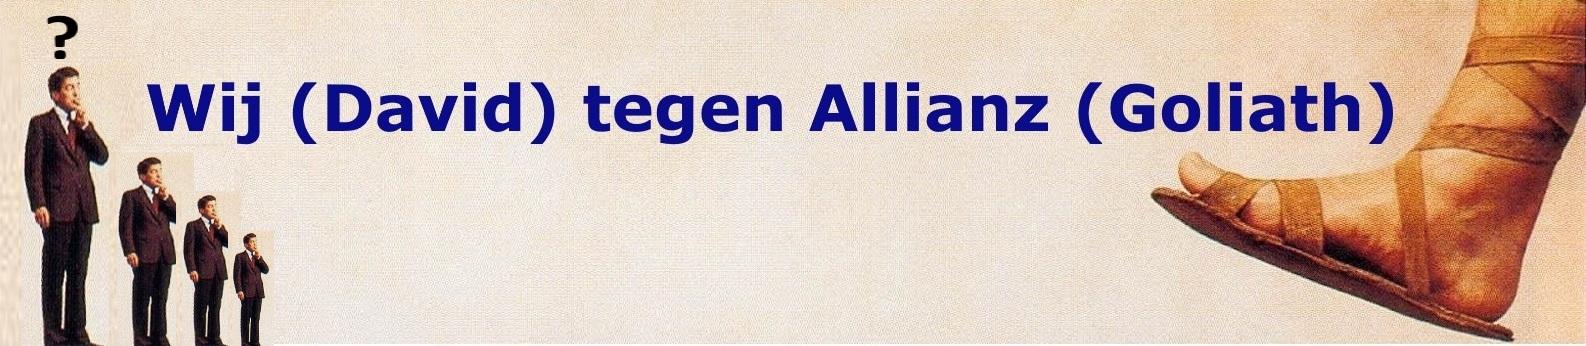 Allianz probeert als Goliath tegen ons te strijden